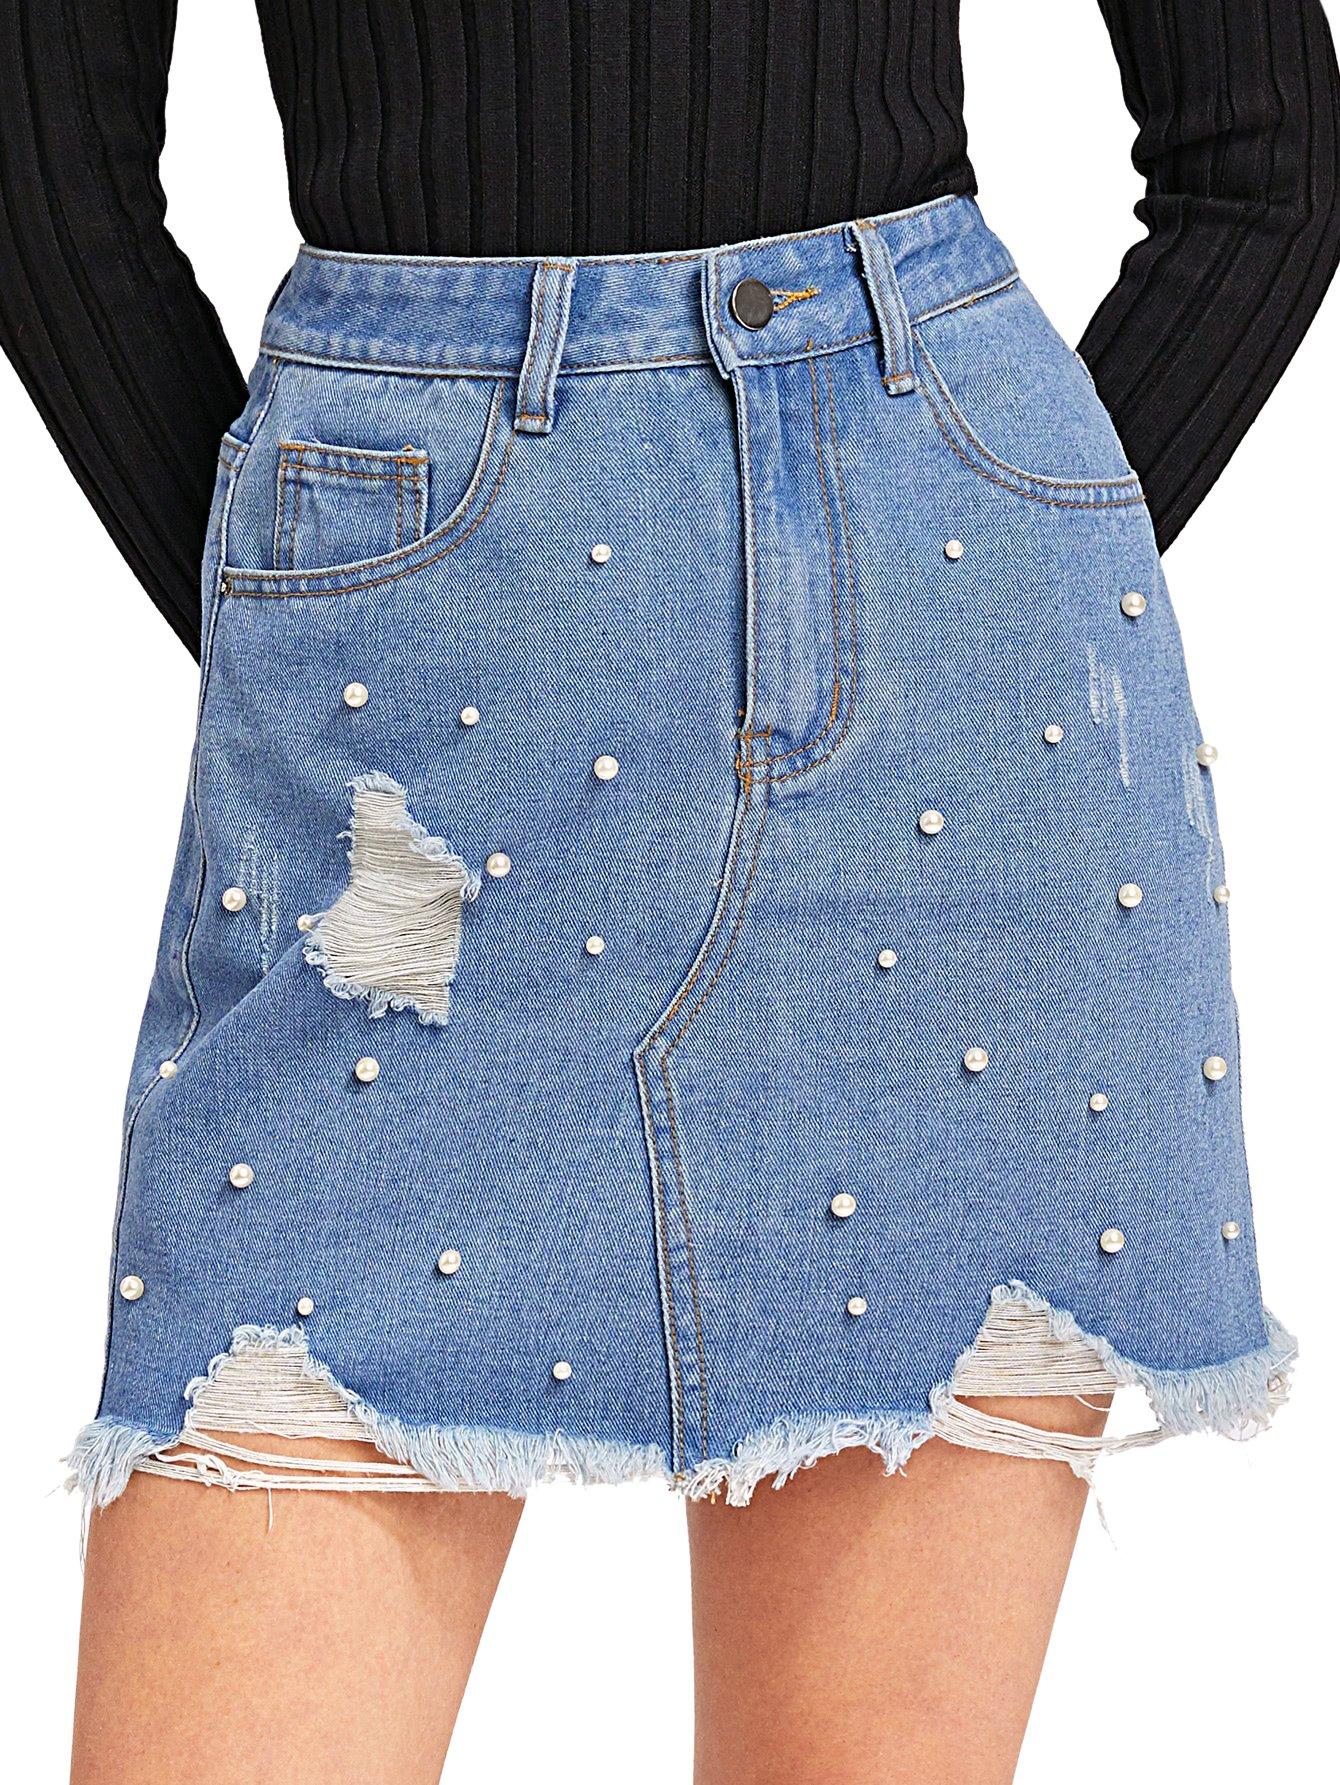 Verdusa Women's Casual Distressed Fray Hem A-Line Denim Short Skirt Blue-2 S